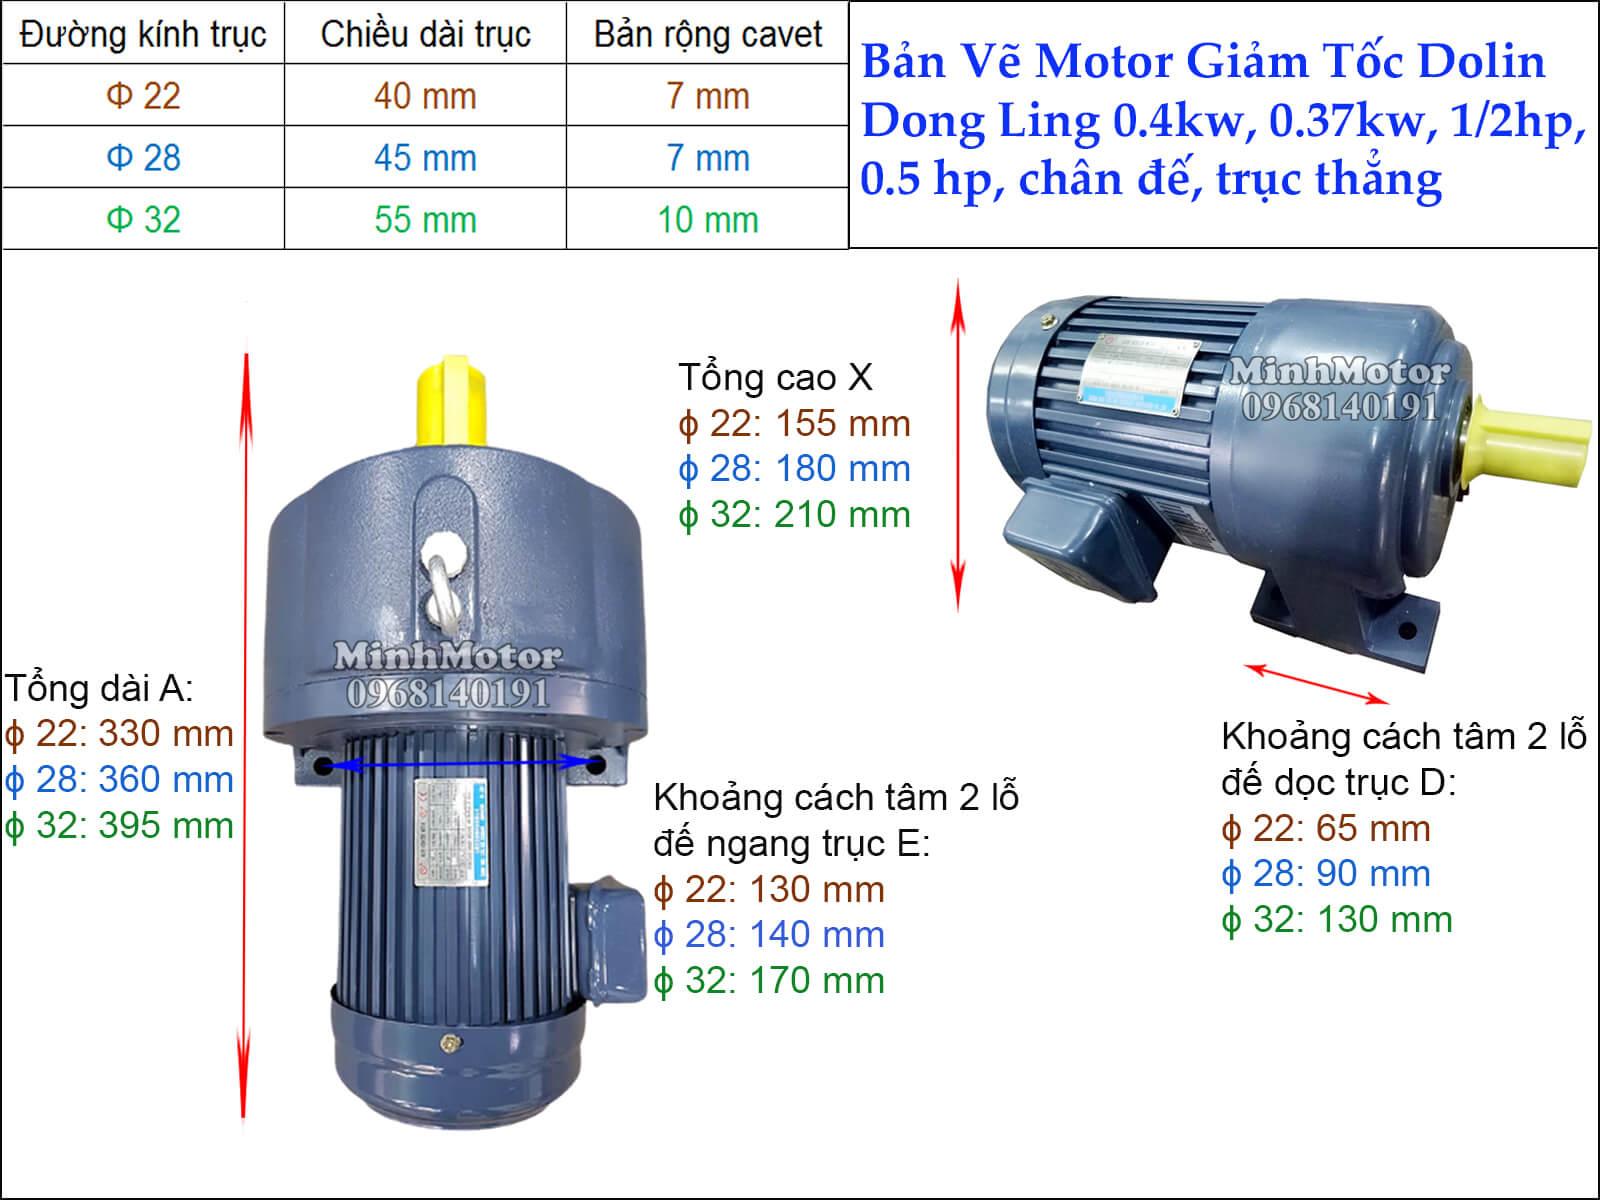 giảm tốc Dolin 0.37kw 0.4kw 0.5hp DLSH chân đế trục thẳng